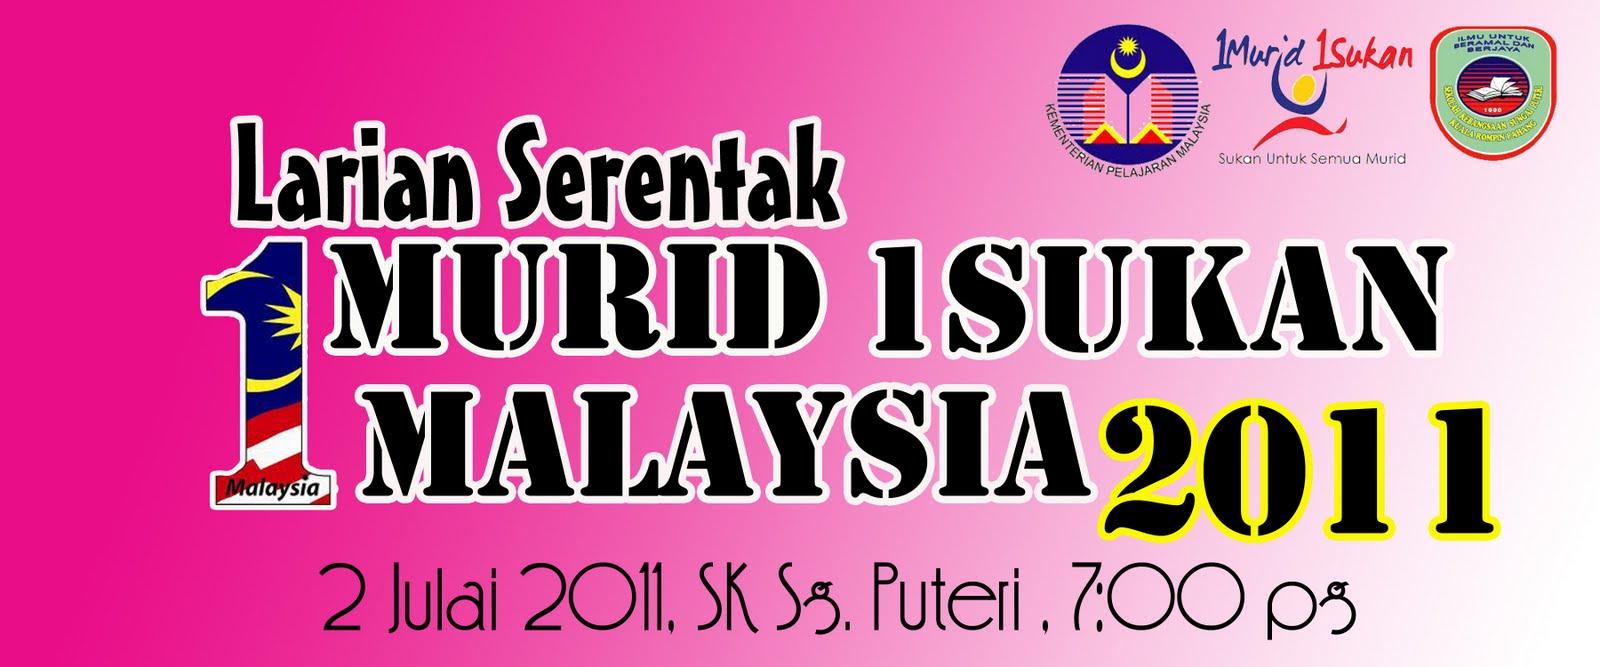 Malaysia, Bahagian Aplikasi Data Murid, Portal Pangkalan Data Murid